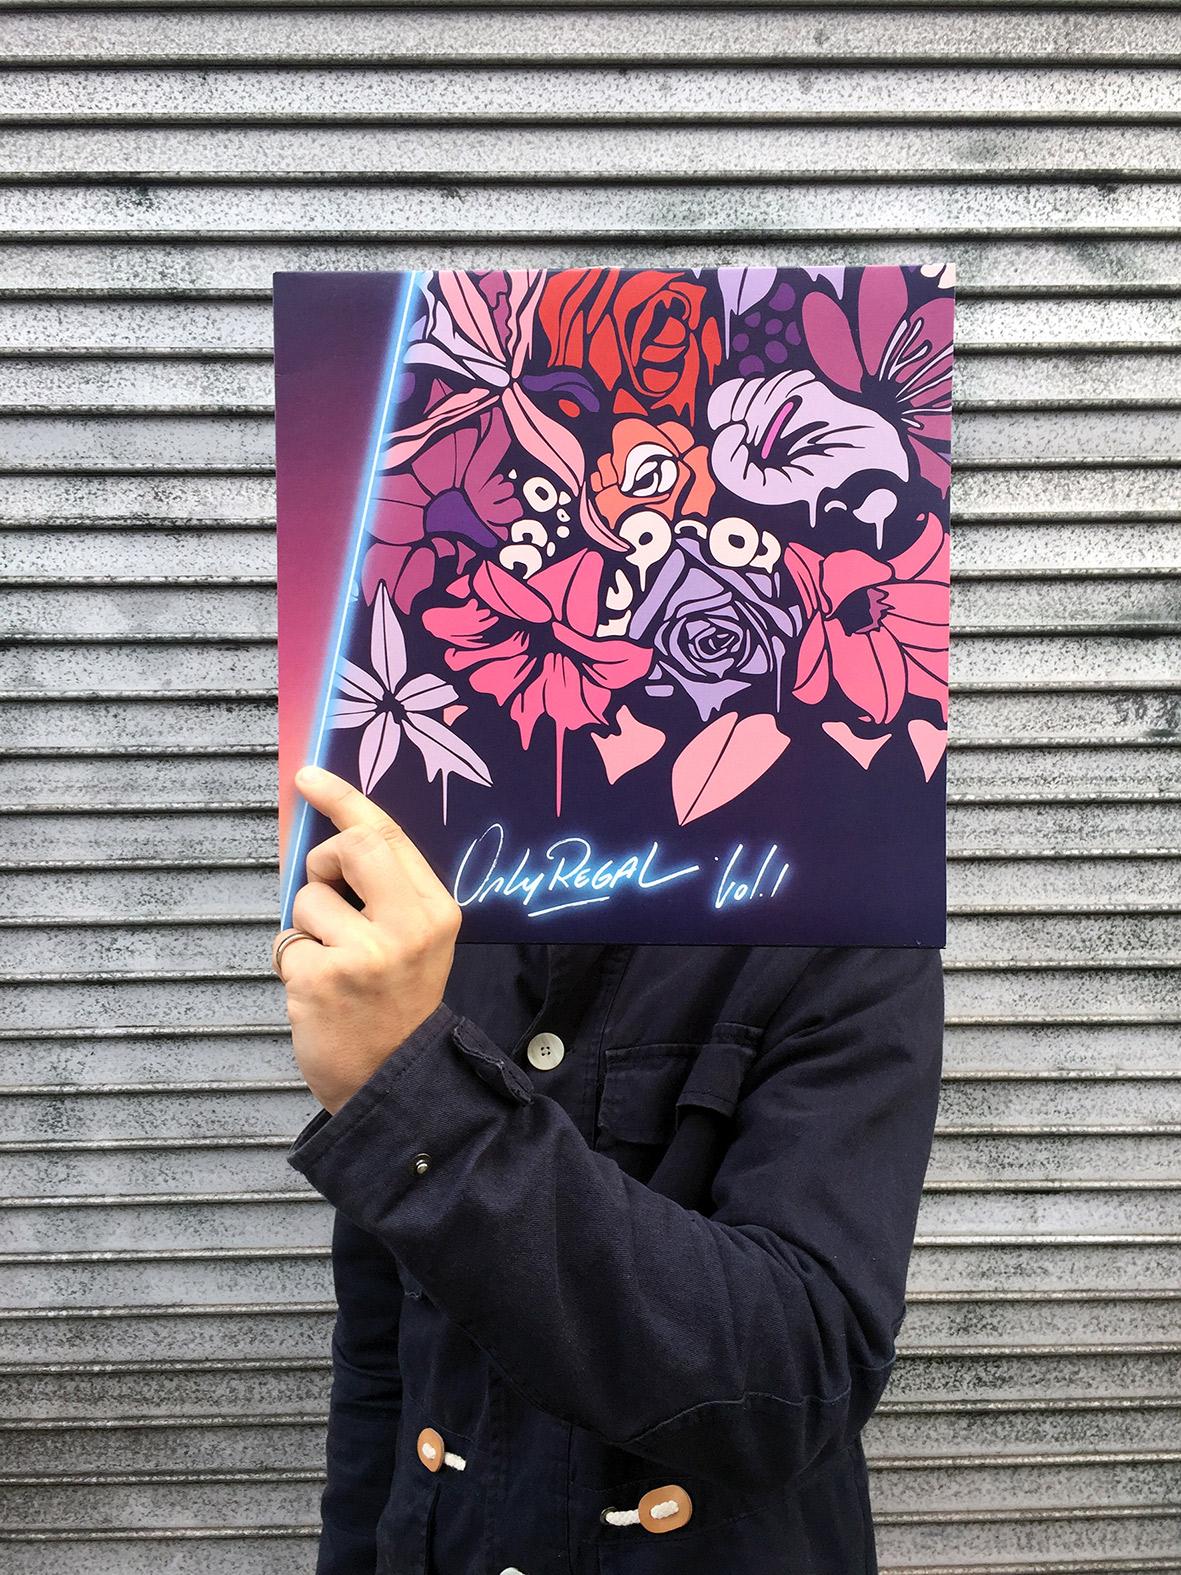 Nerone-cover-record-design-3